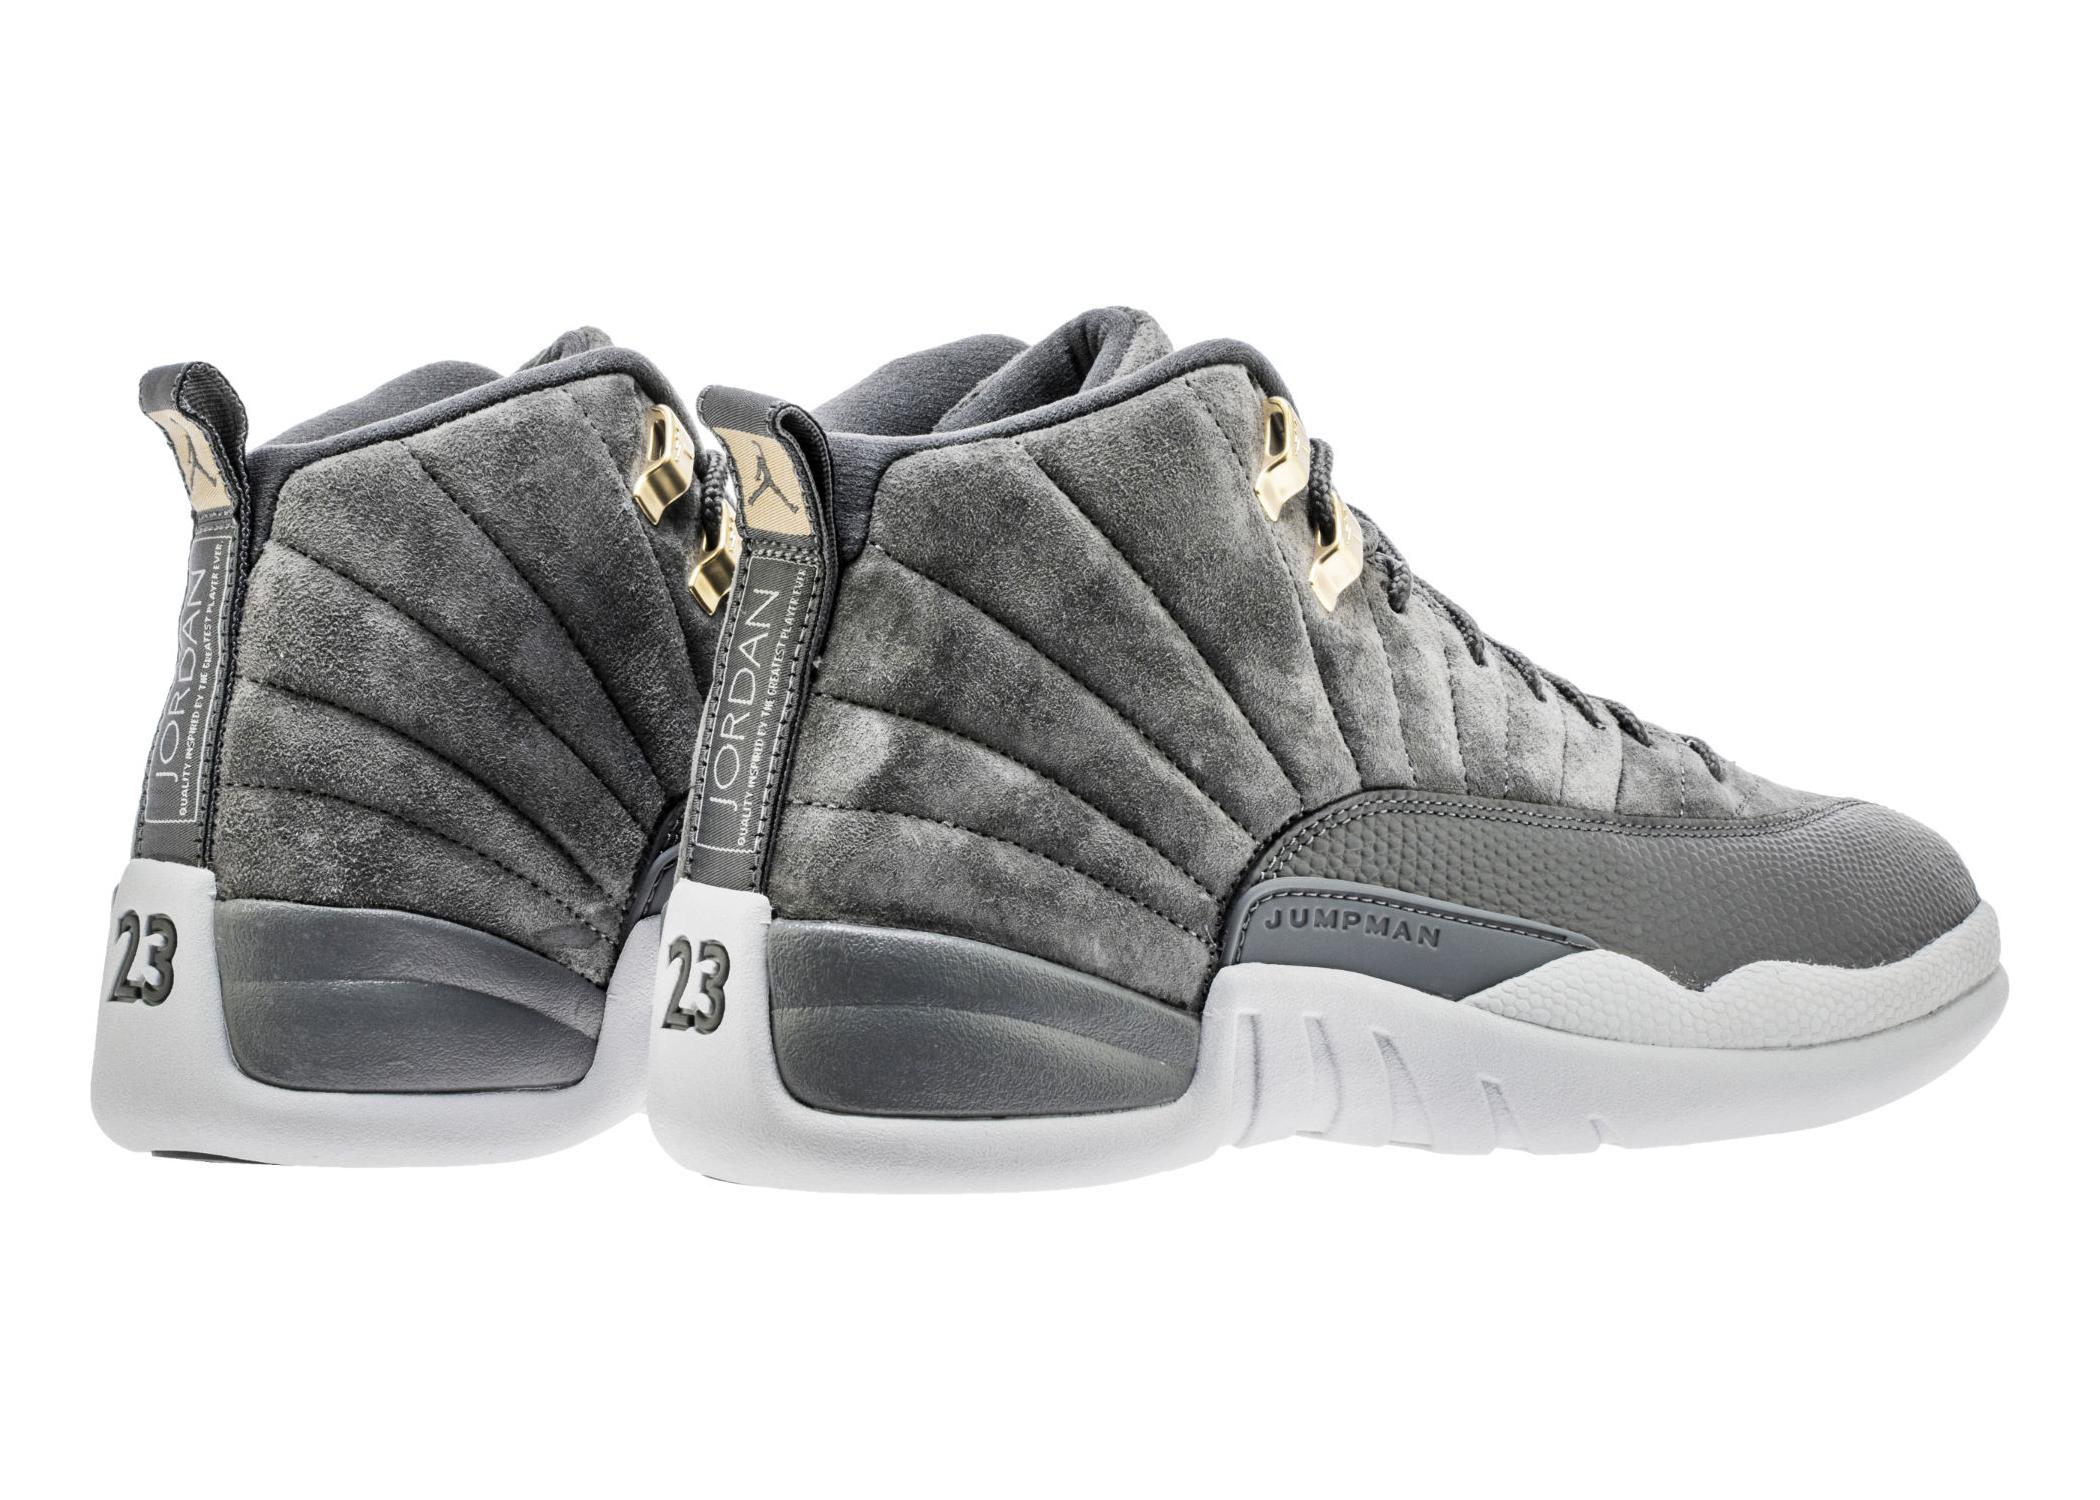 air jordan 12 retro grey 3 - WearTesters 896b69caa